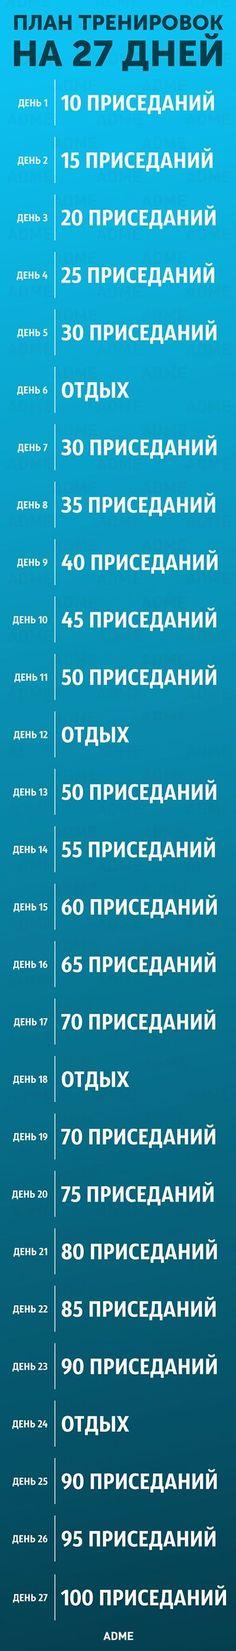 4 prostykh uprazhneniya dlya ploskogo zhivota kalendar zanyatiy